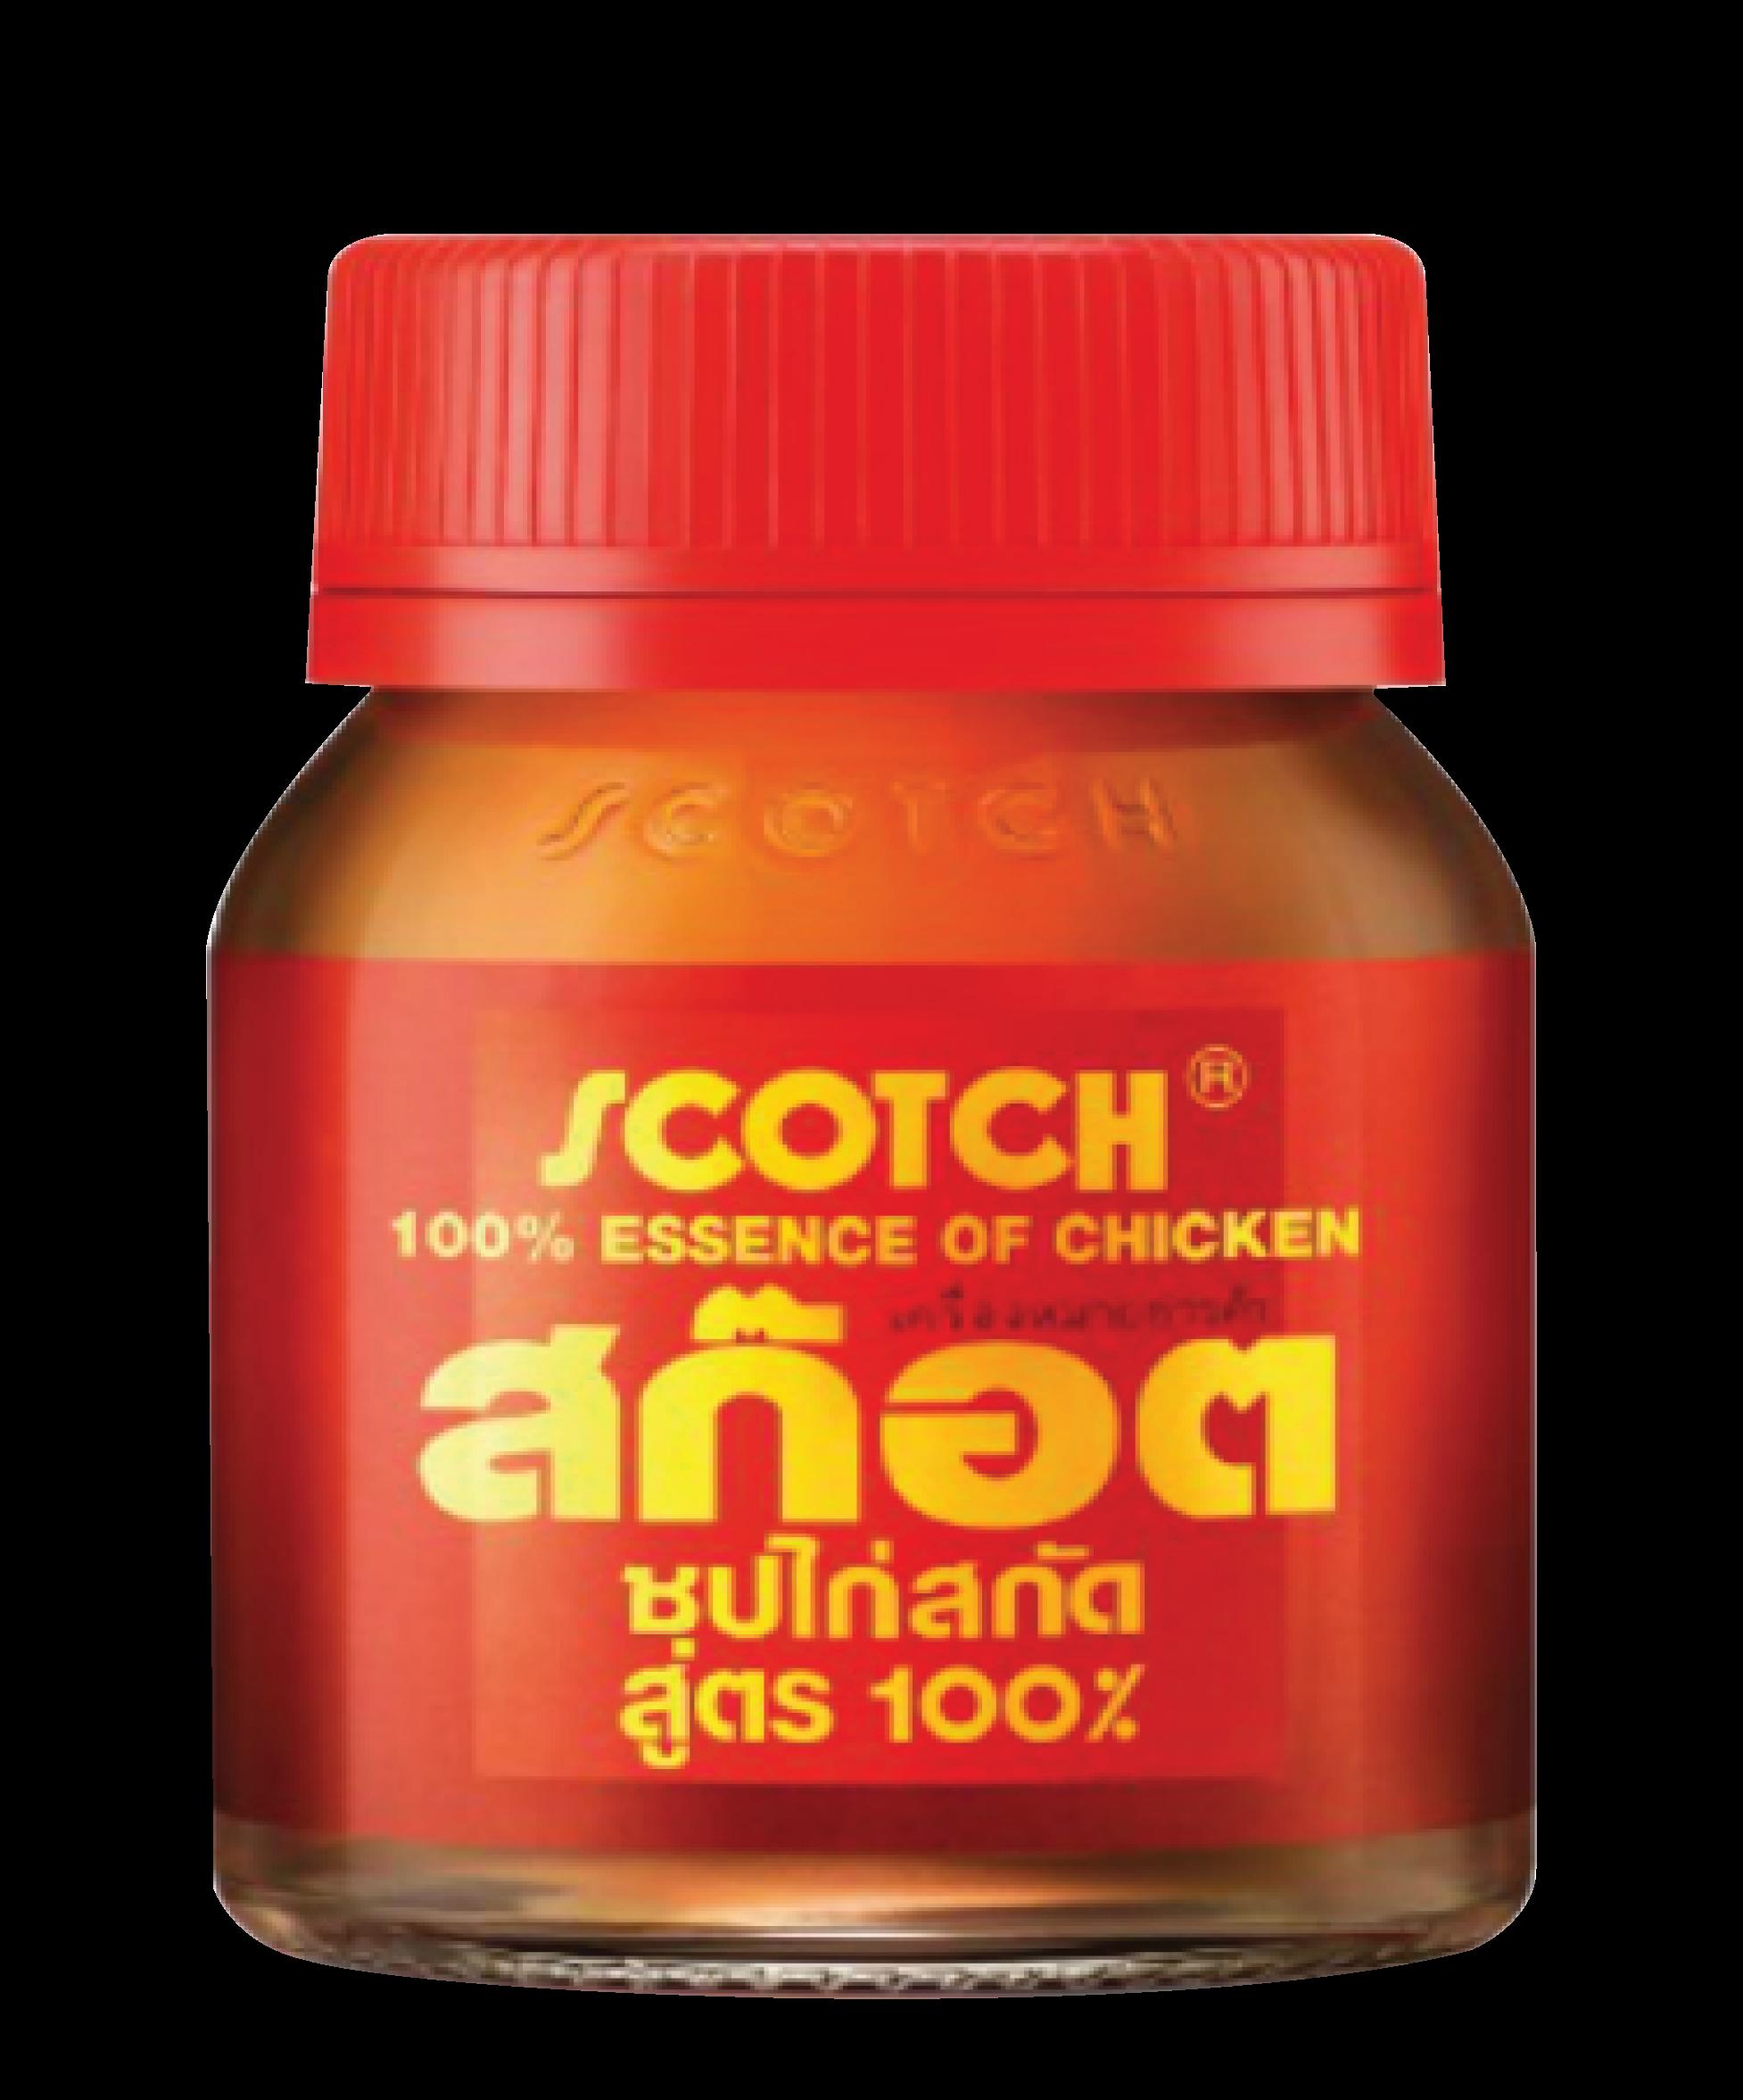 Scotch Chicken Protein 45ml